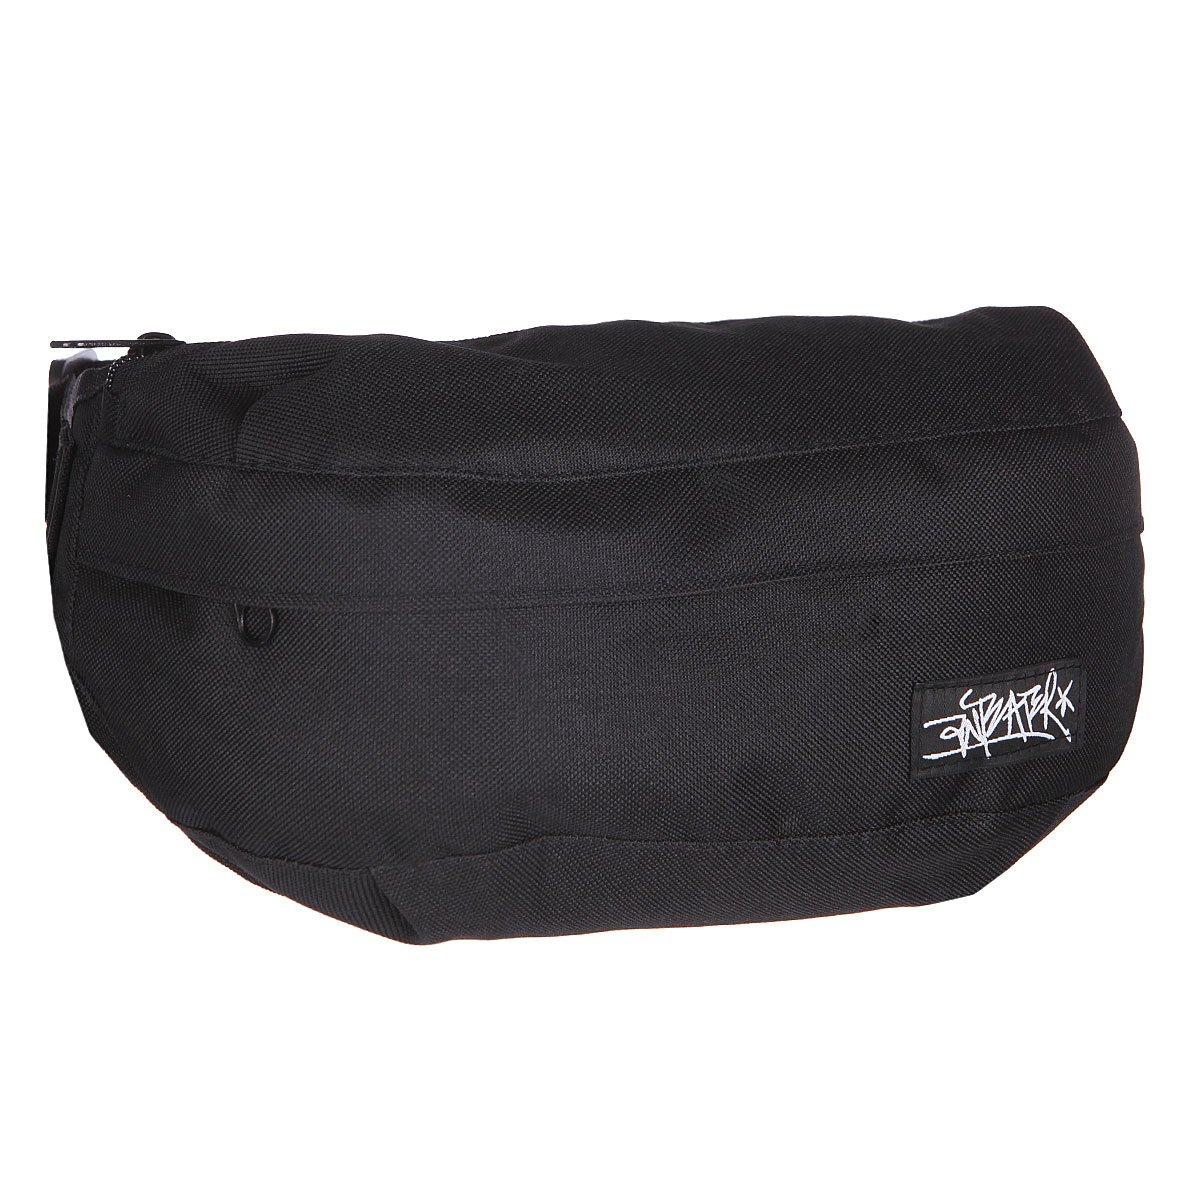 b17917a3c536 Купить сумку поясная Anteater Minibag black в интернет-магазине ...